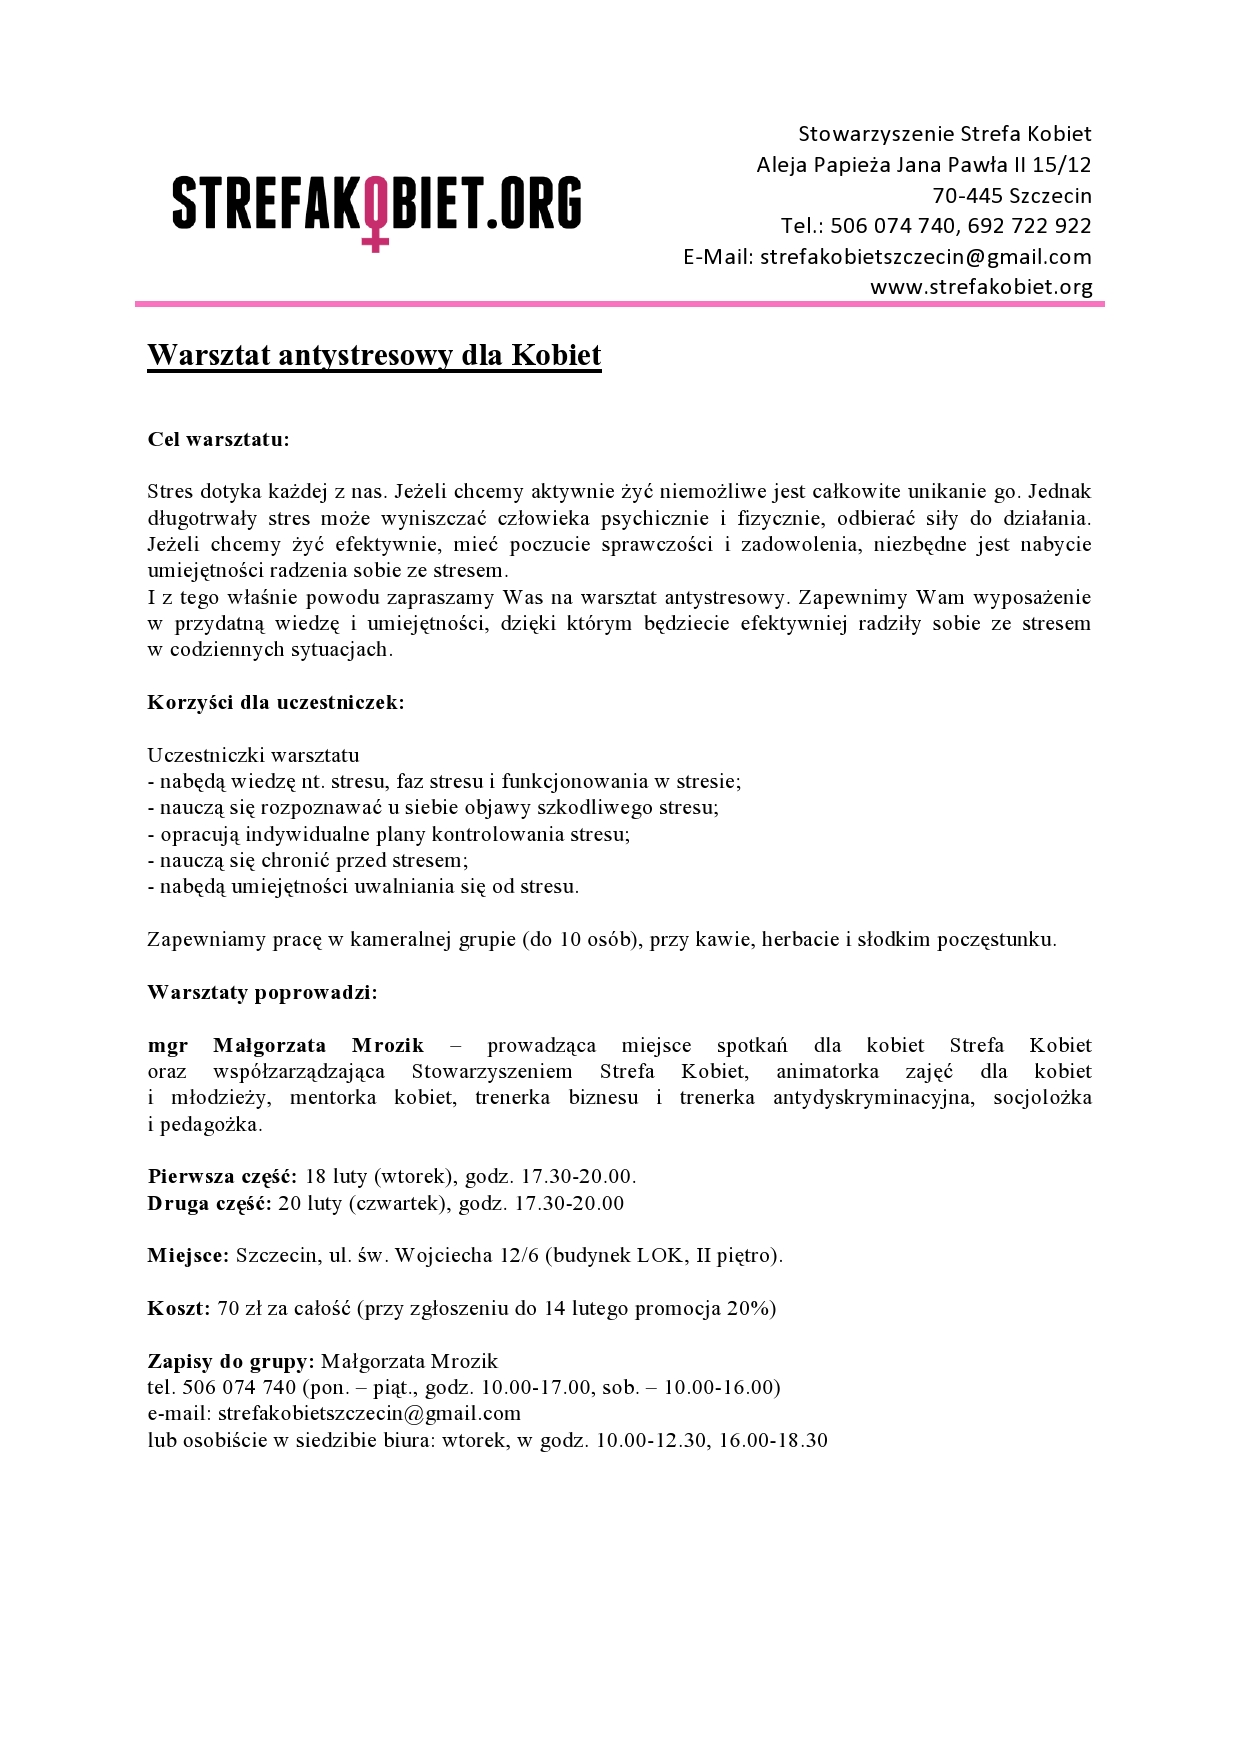 ulotka_warsztat_antystresowy_2014-page0001